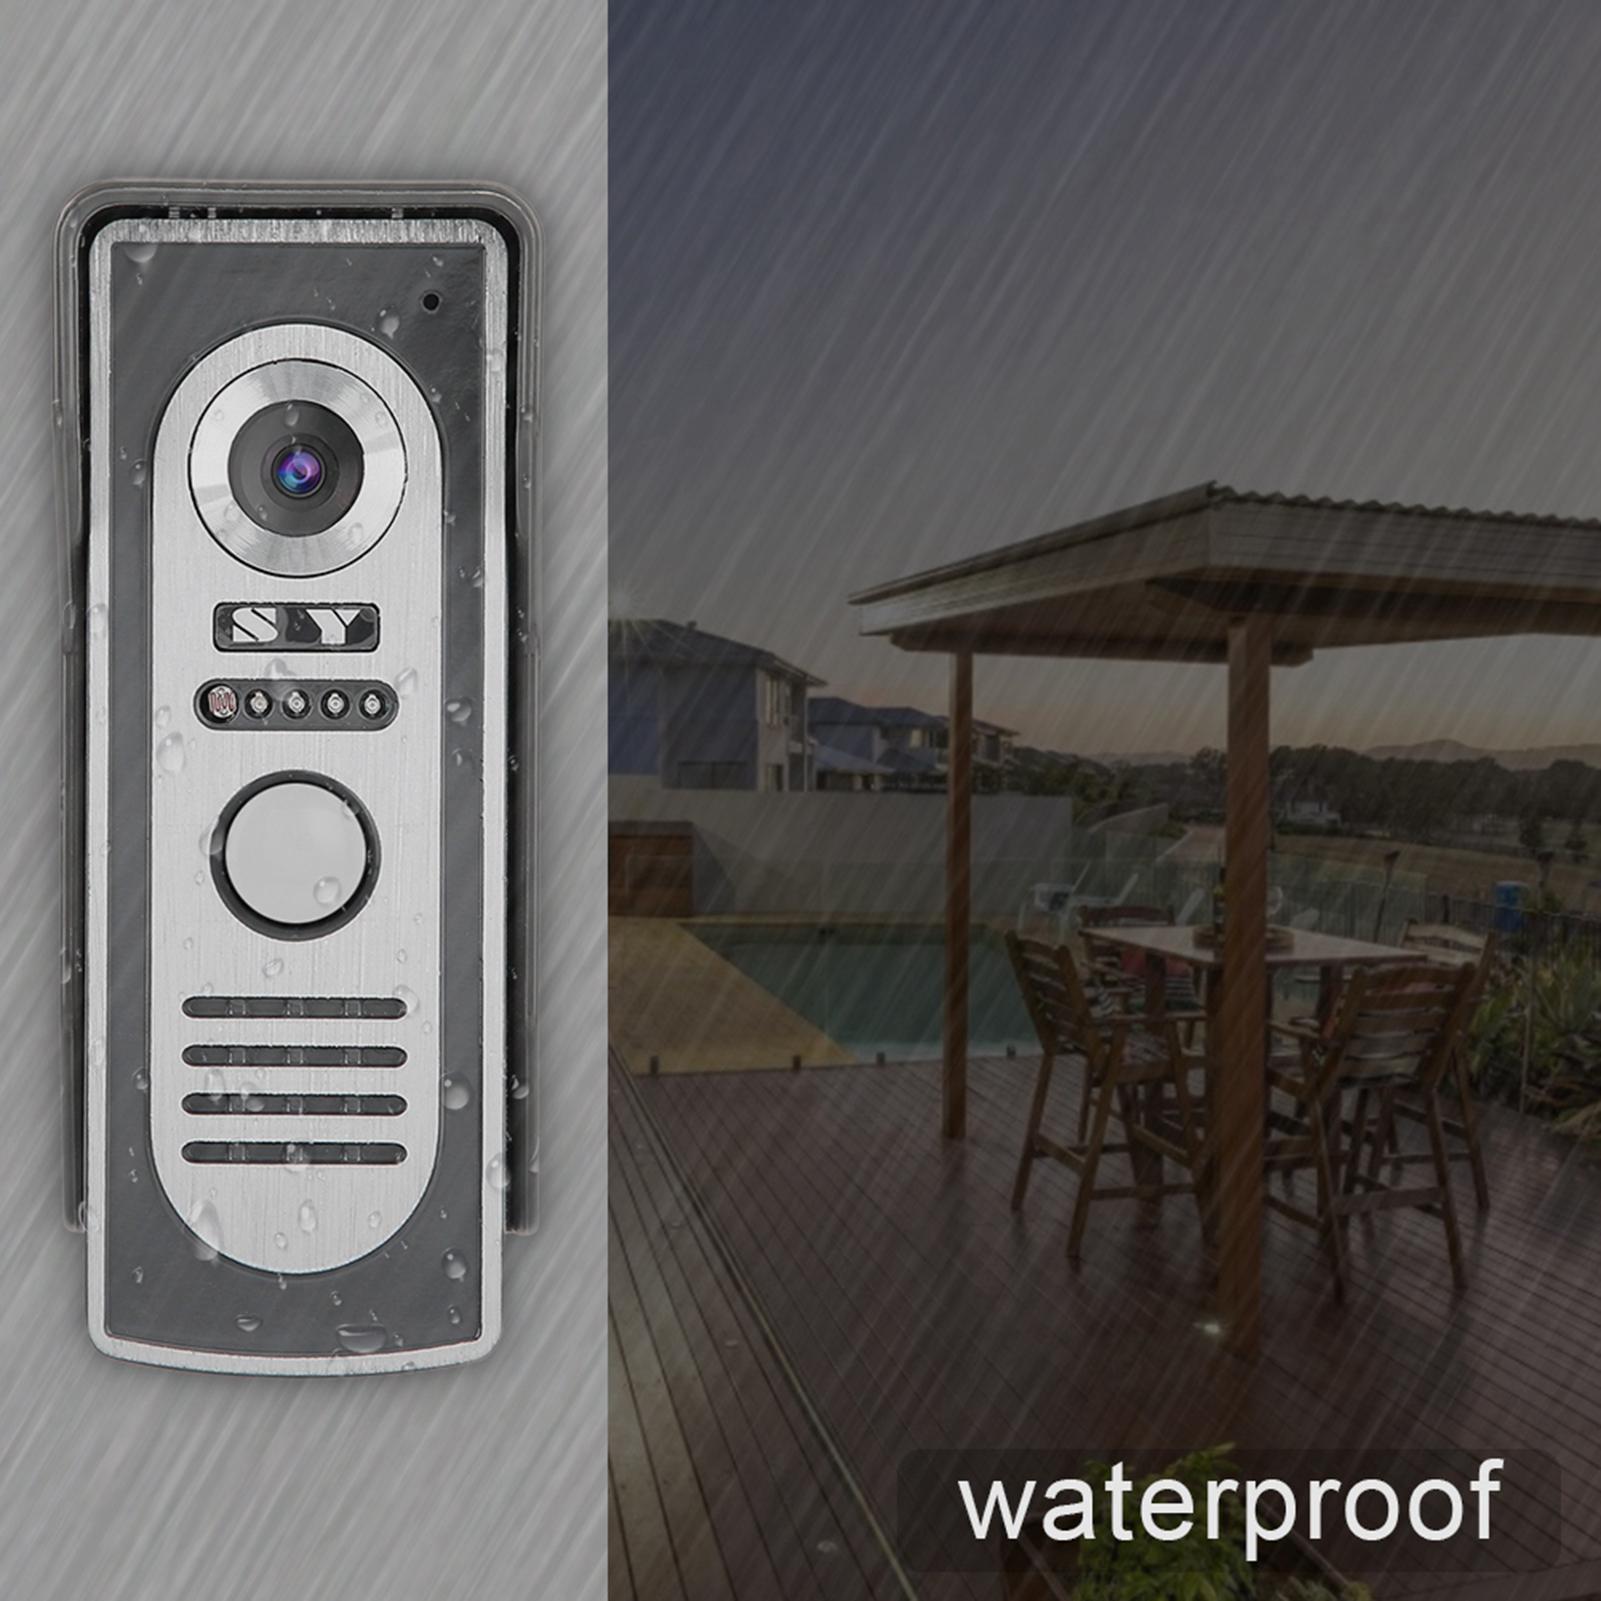 Audio-Intercom-Doorbell-7in-TFT-LCD-Video-Camera-Outdoor-Night-View-Waterproof miniature 26